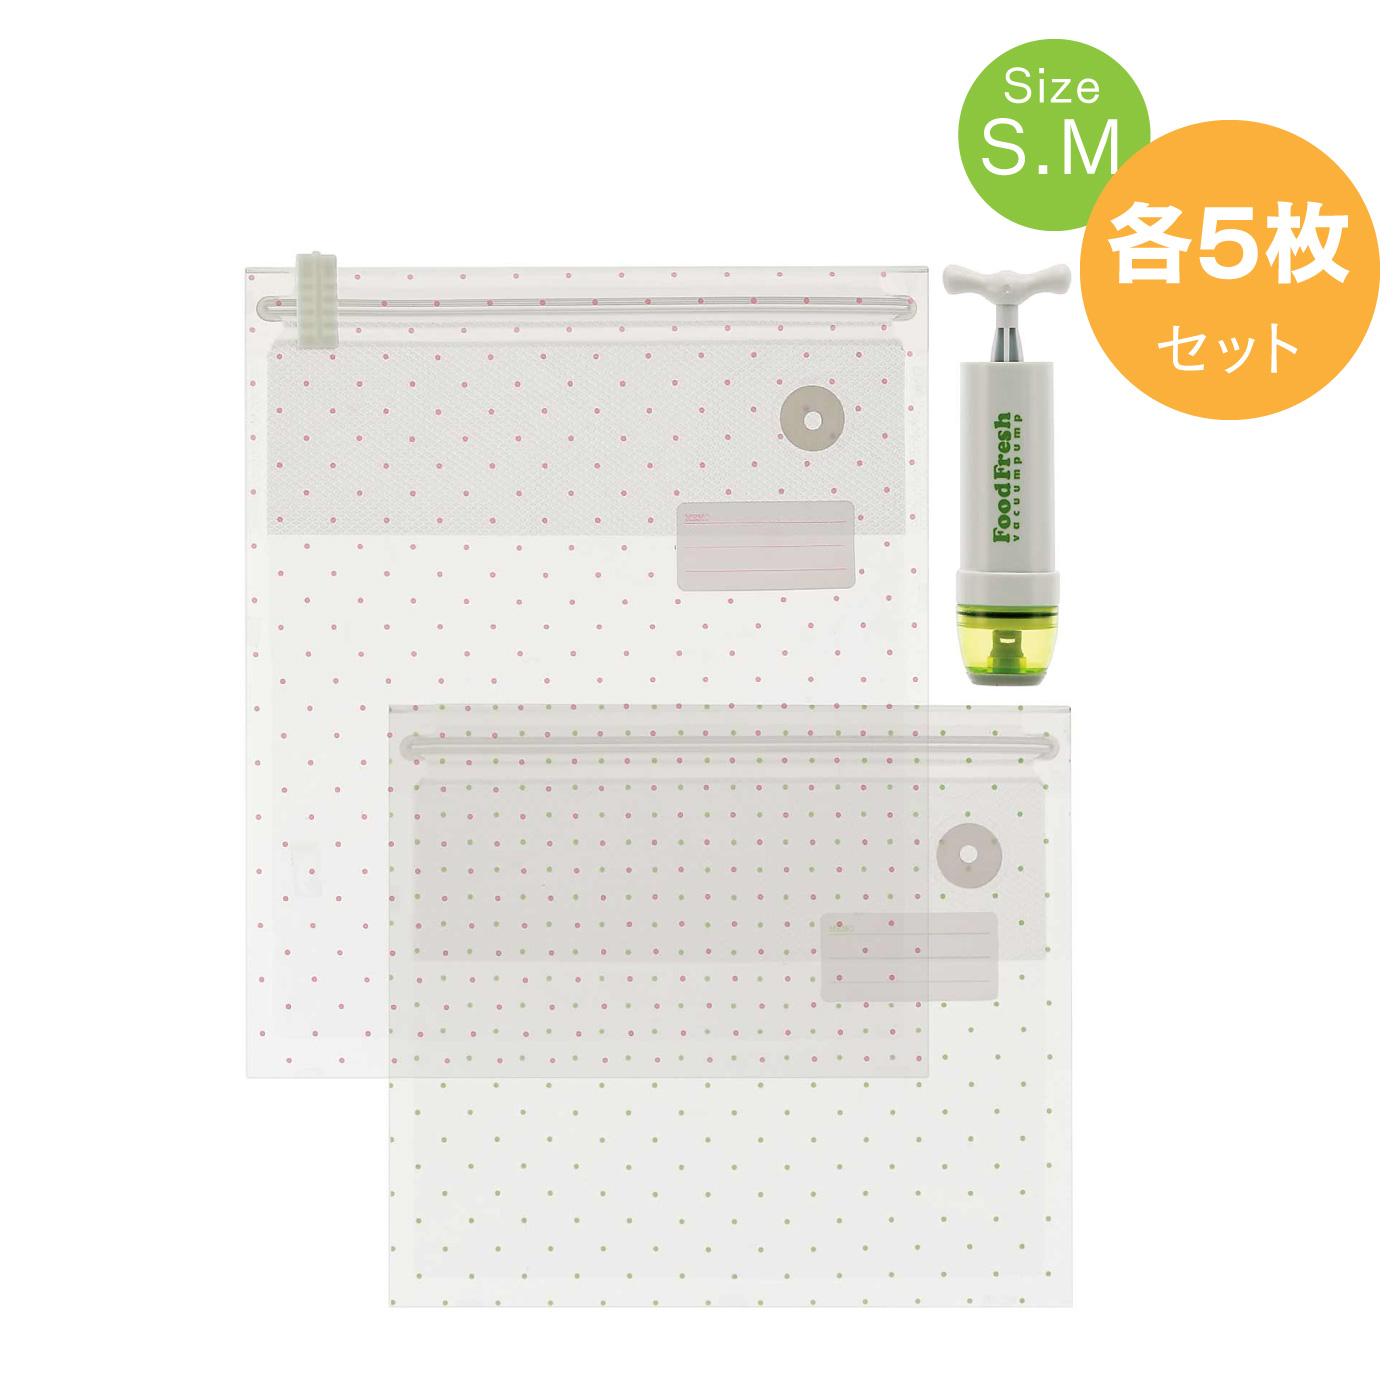 真空パックで食品の鮮度を長持ちさせる!フードフレッシュバッグ(S5枚+M5枚)&真空ポンプ付きセット